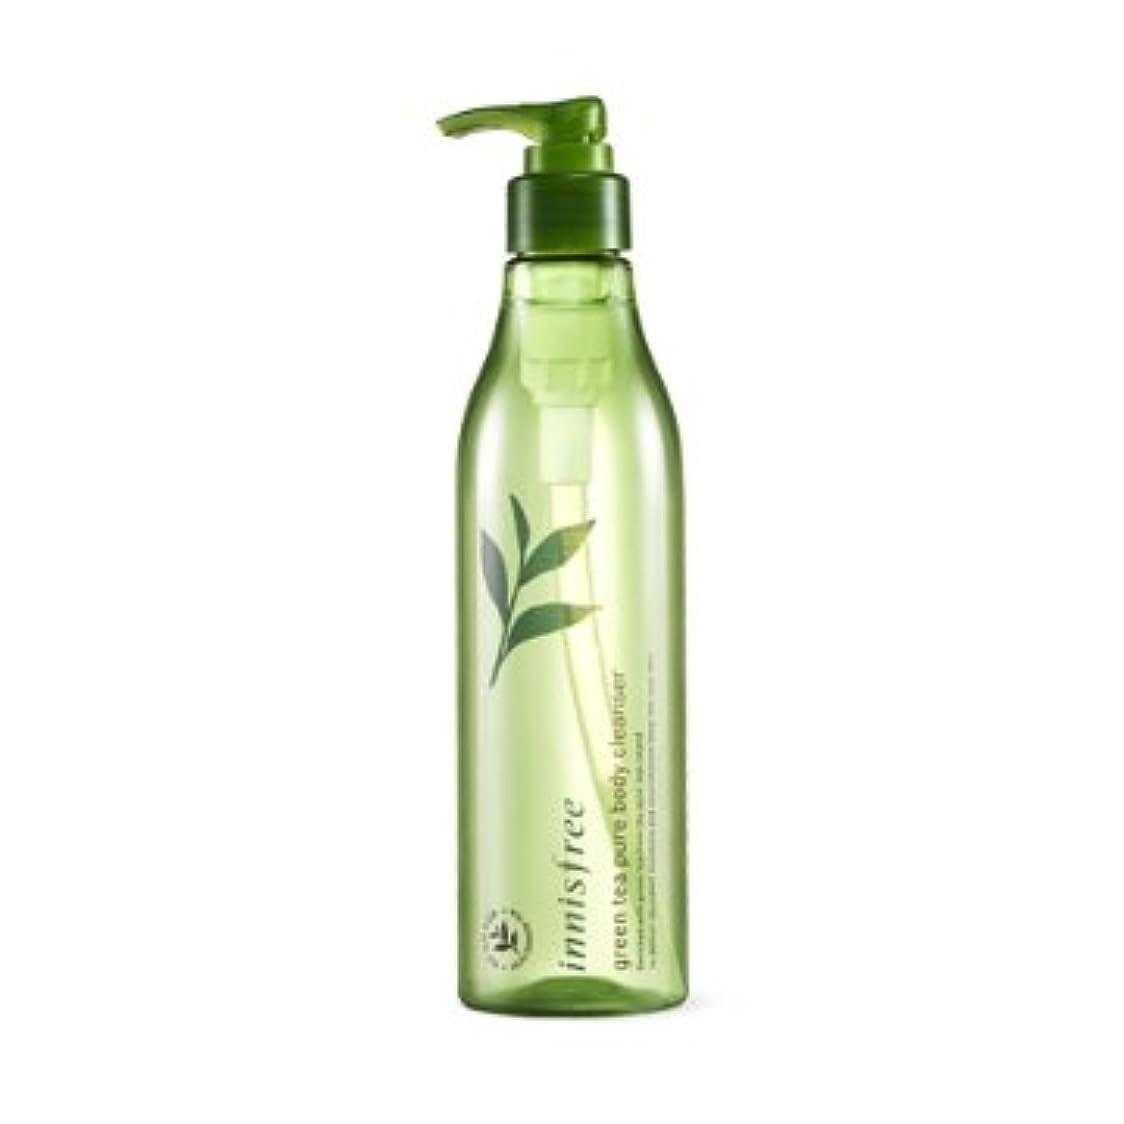 気をつけて誰のバッジ【イニスフリー】Innisfree green tea pure body cleanser - 300ml (韓国直送品) (SHOPPINGINSTAGRAM)